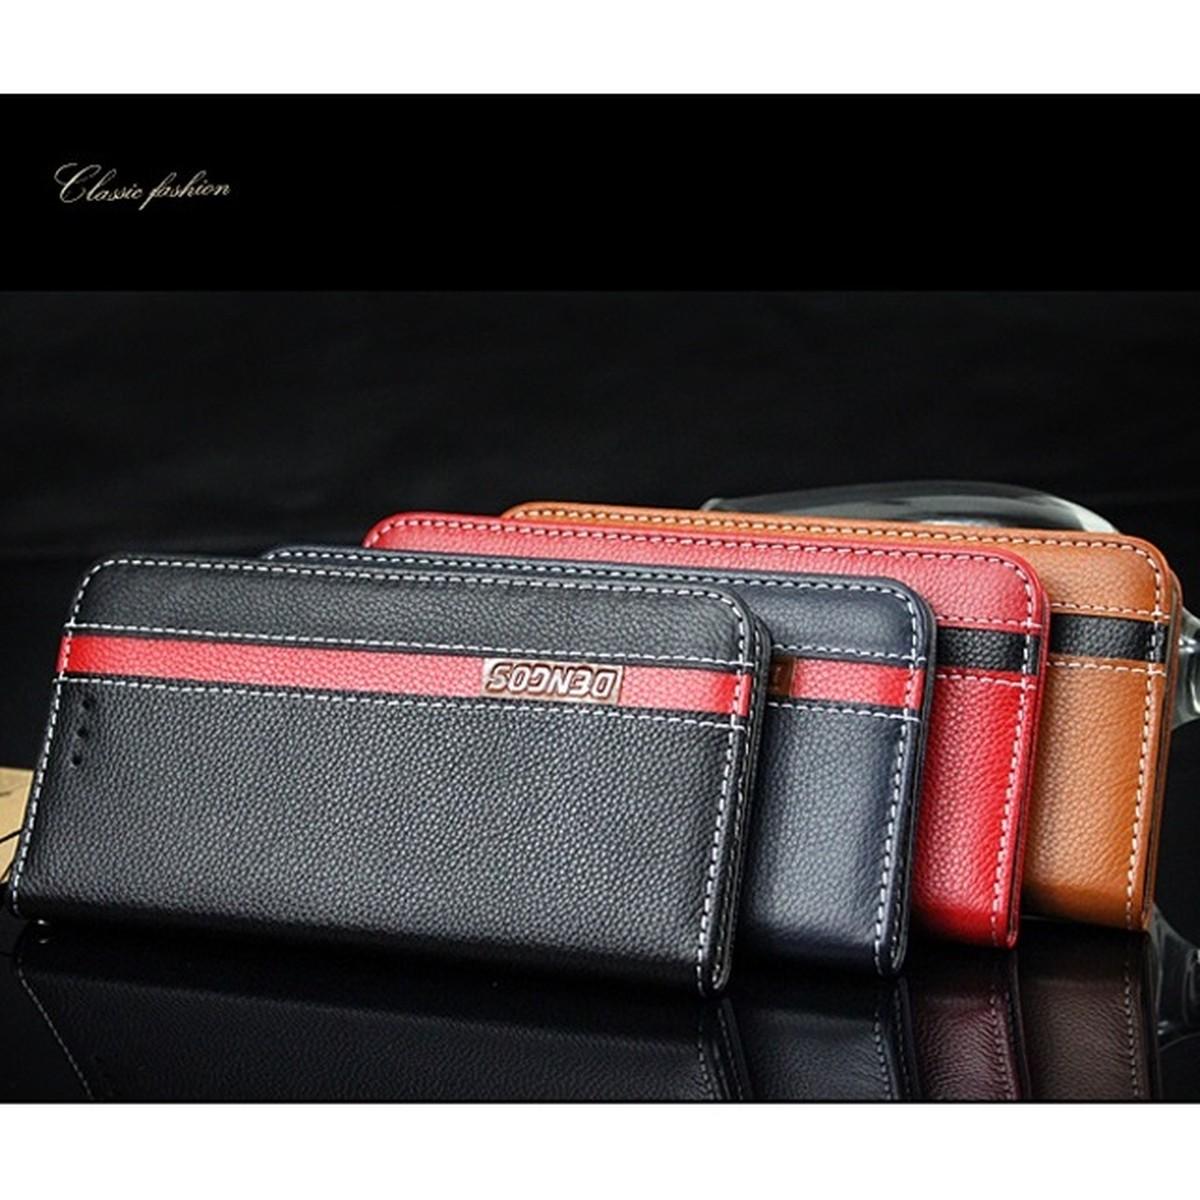 ゆうパケット メール便 送料200円 Xperia Z4 SO-03G SOV31 高級本革 カバー 紺色 茶色 黒色 人気 おすすめ 赤色 セール価格 スマートフォンケース 本革ケースC